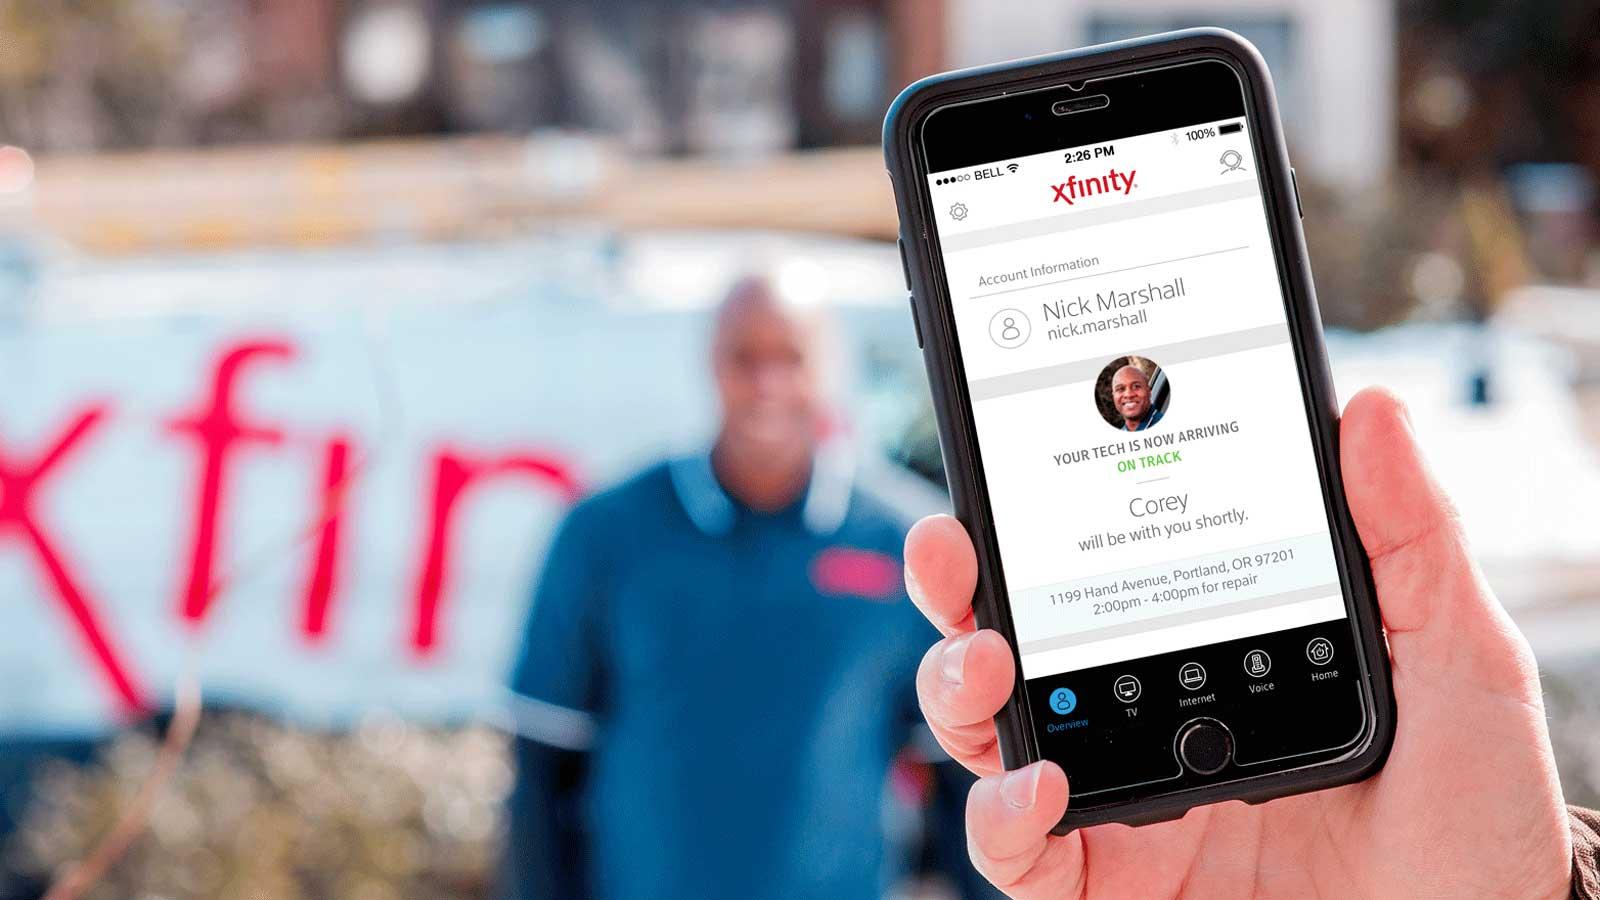 Tech ETA app shown on mobile device